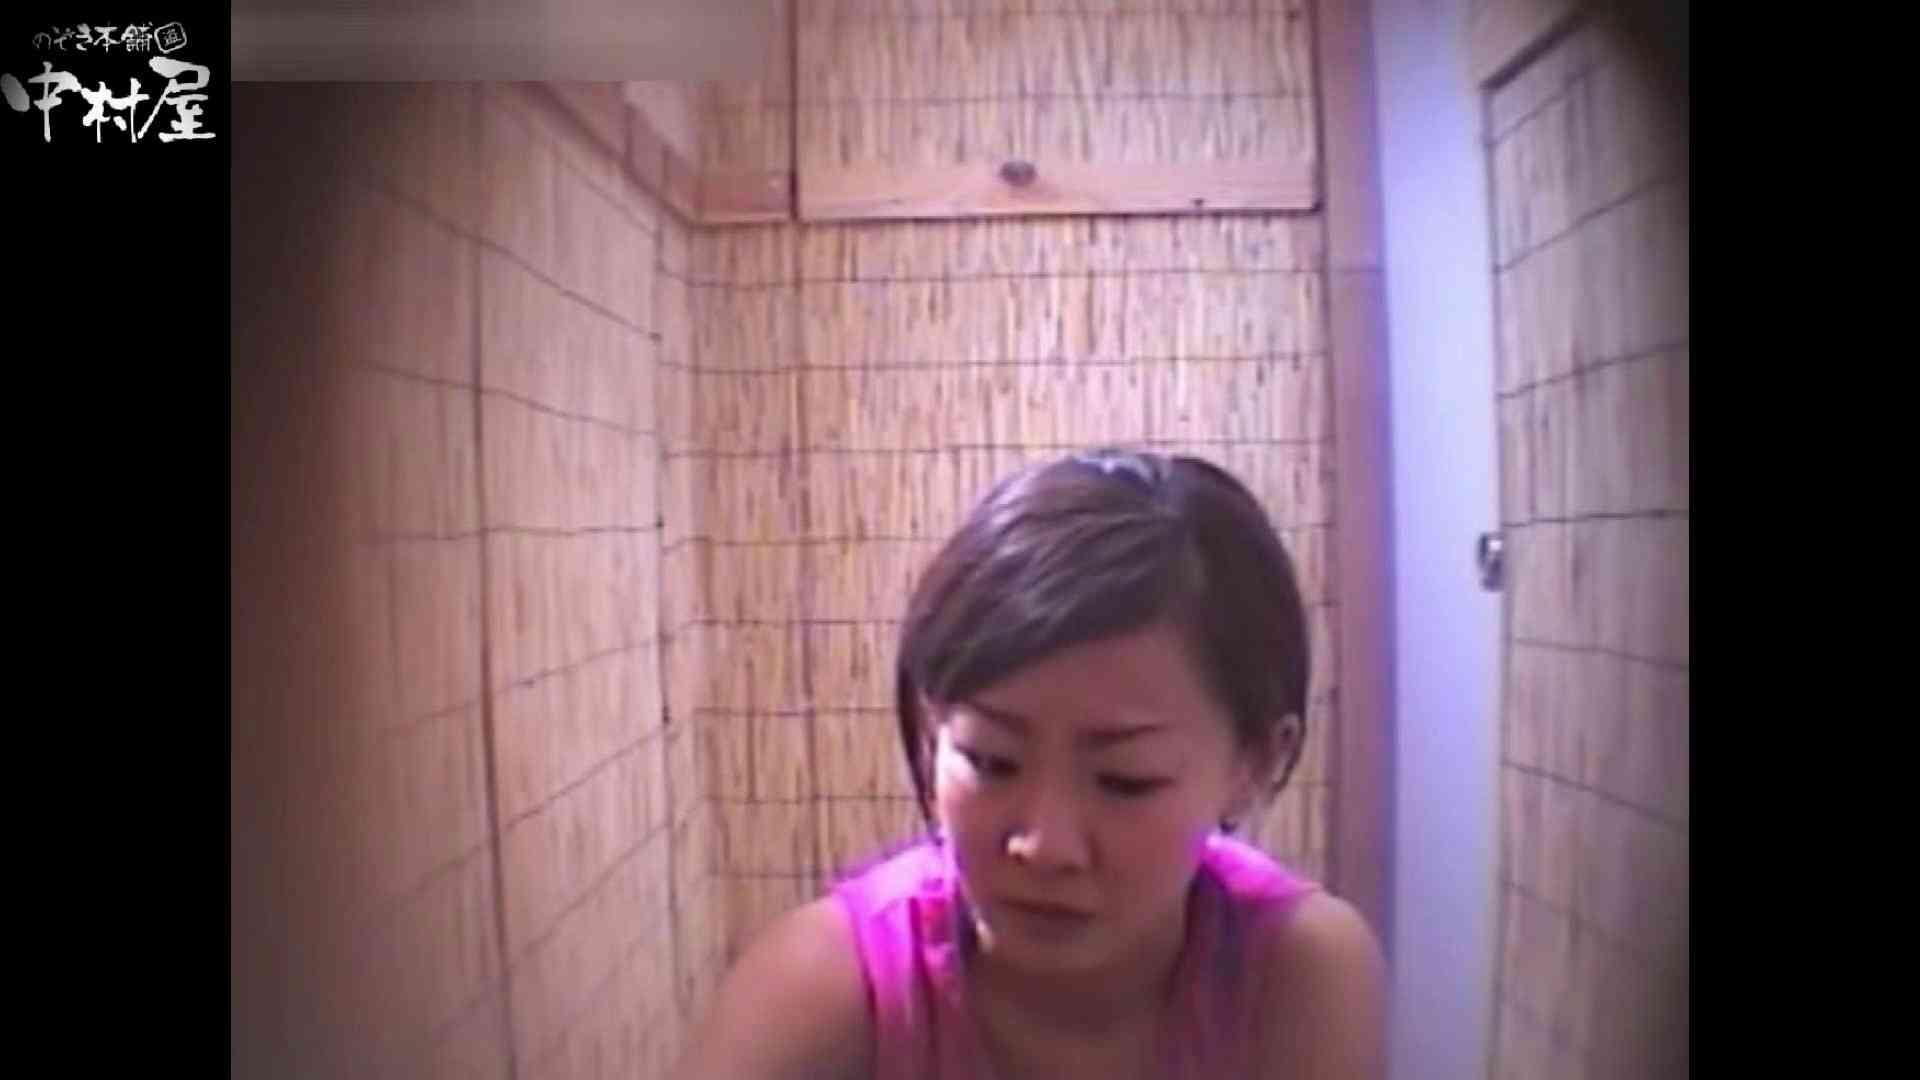 解禁!海の家4カメ洗面所vol.73 ギャルのエロ動画 SEX無修正画像 76PIX 5